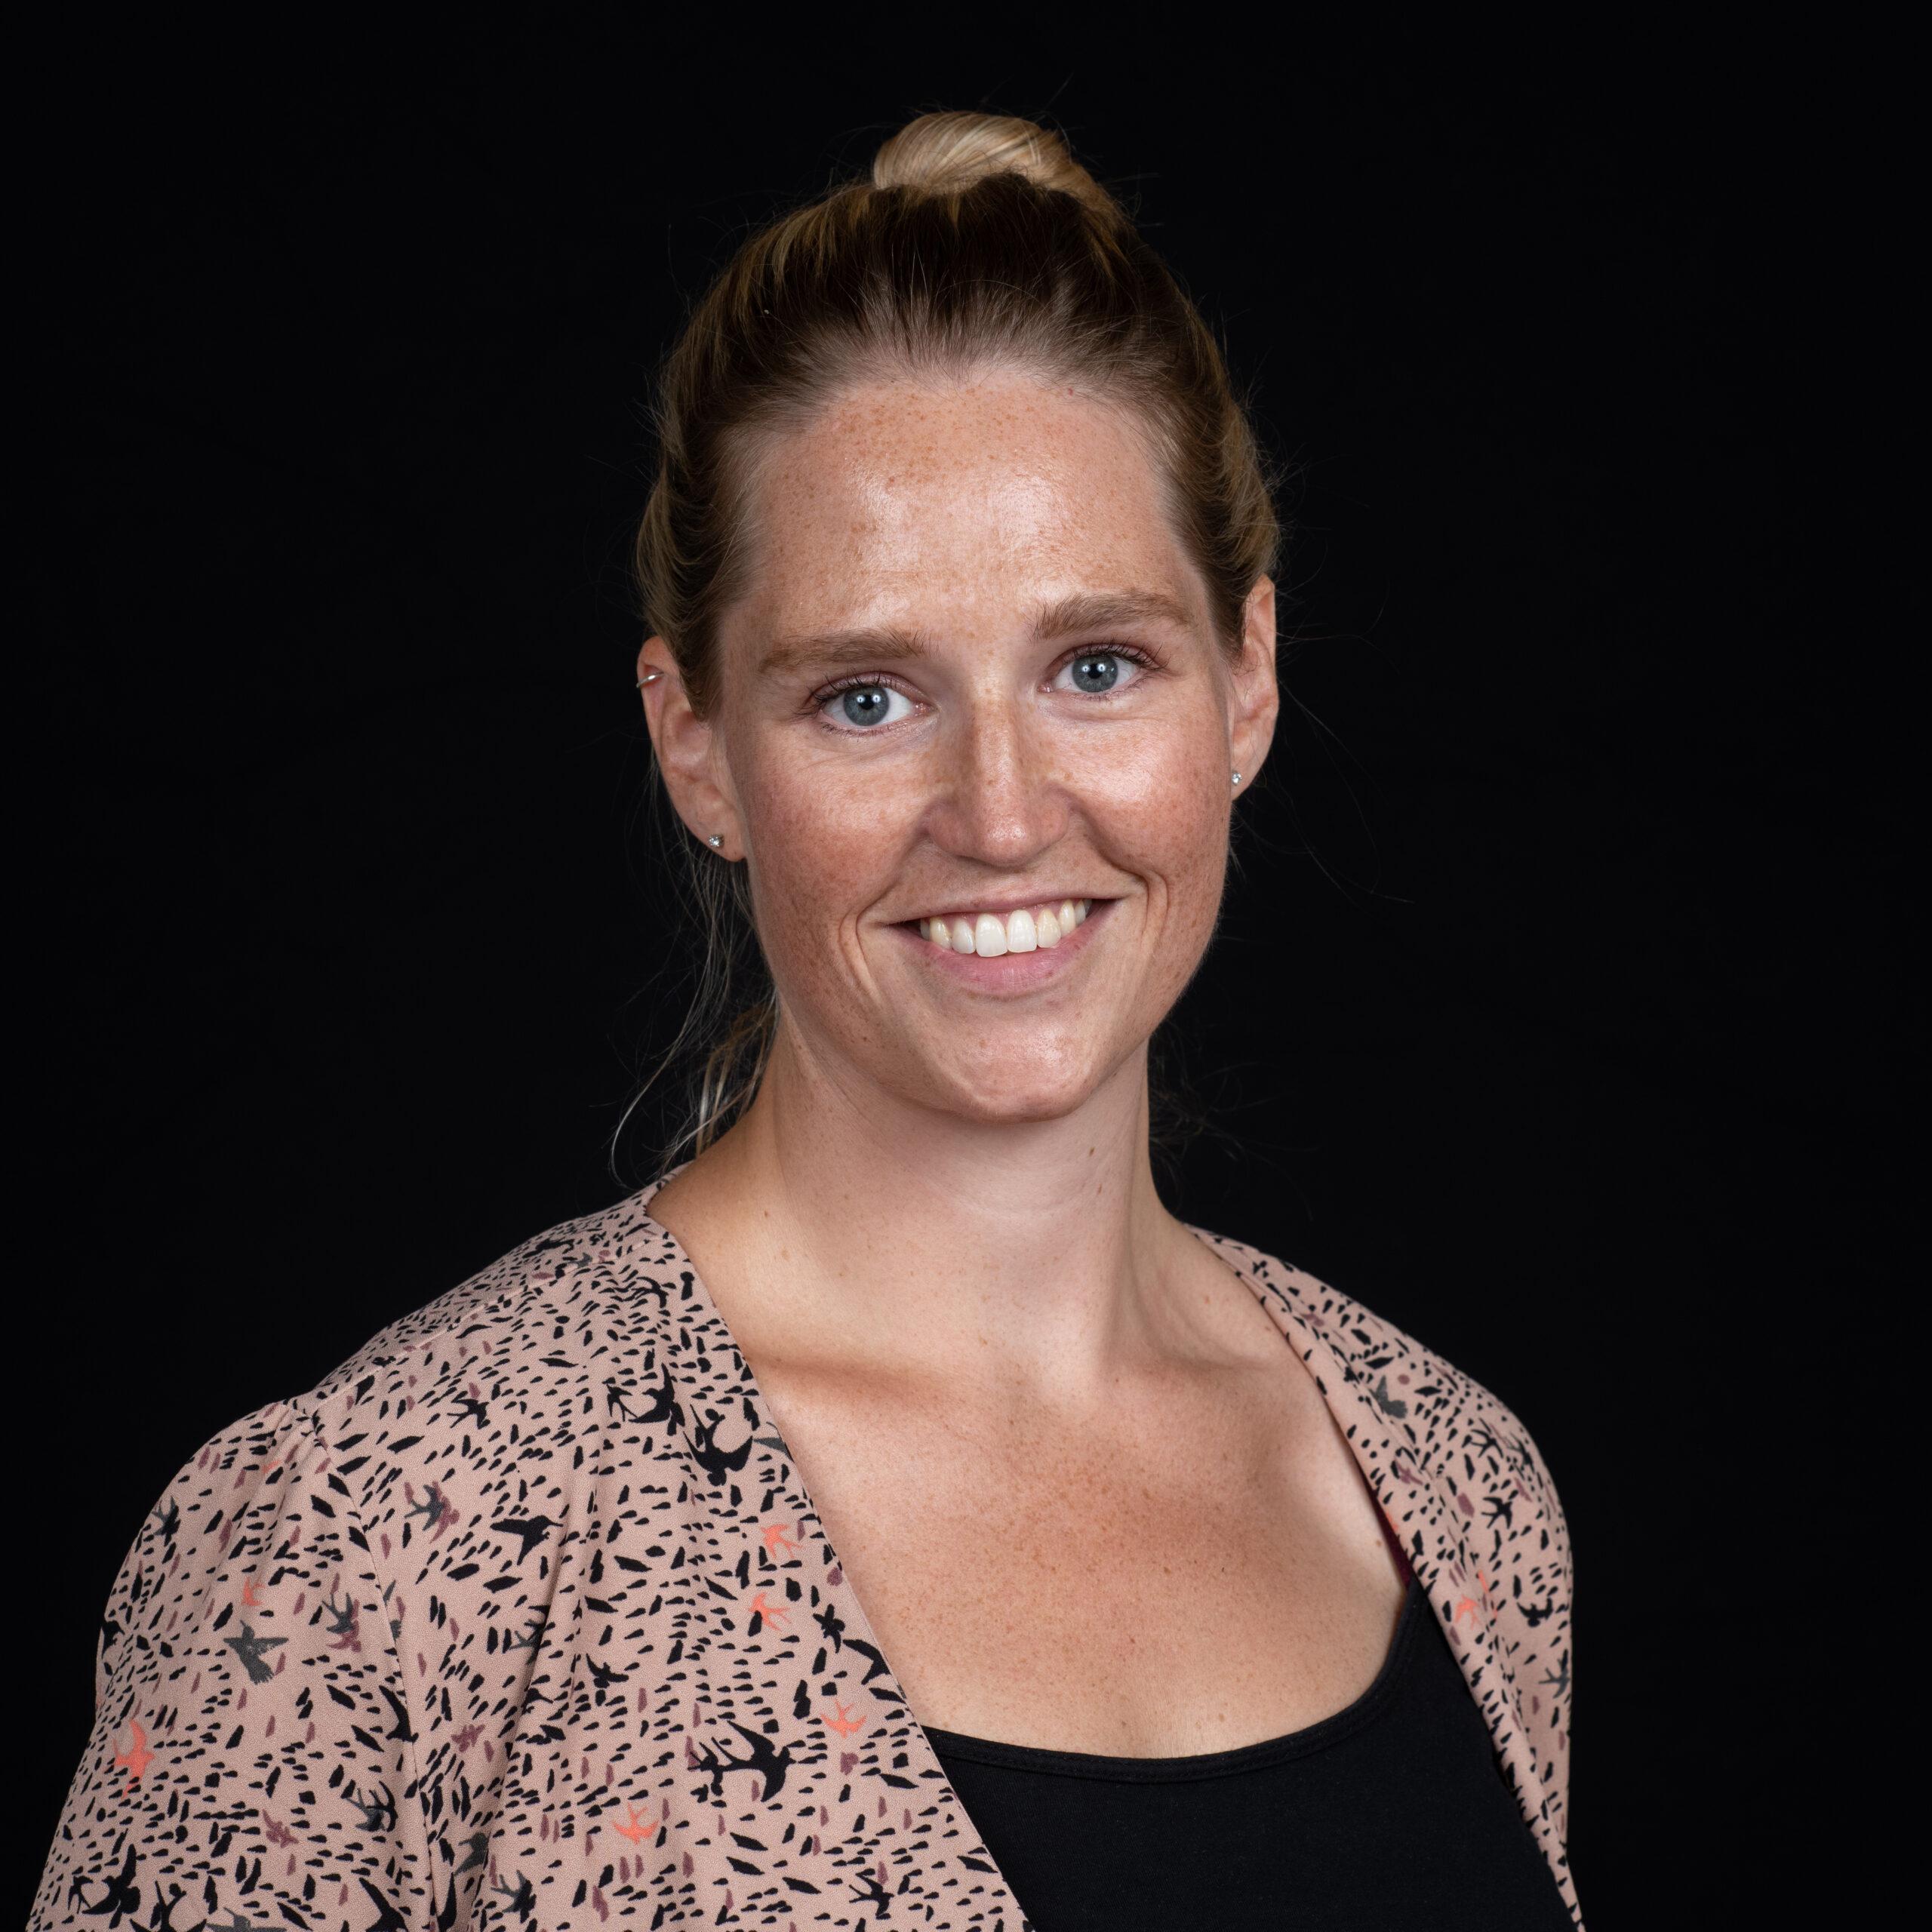 Kirstine Christensen